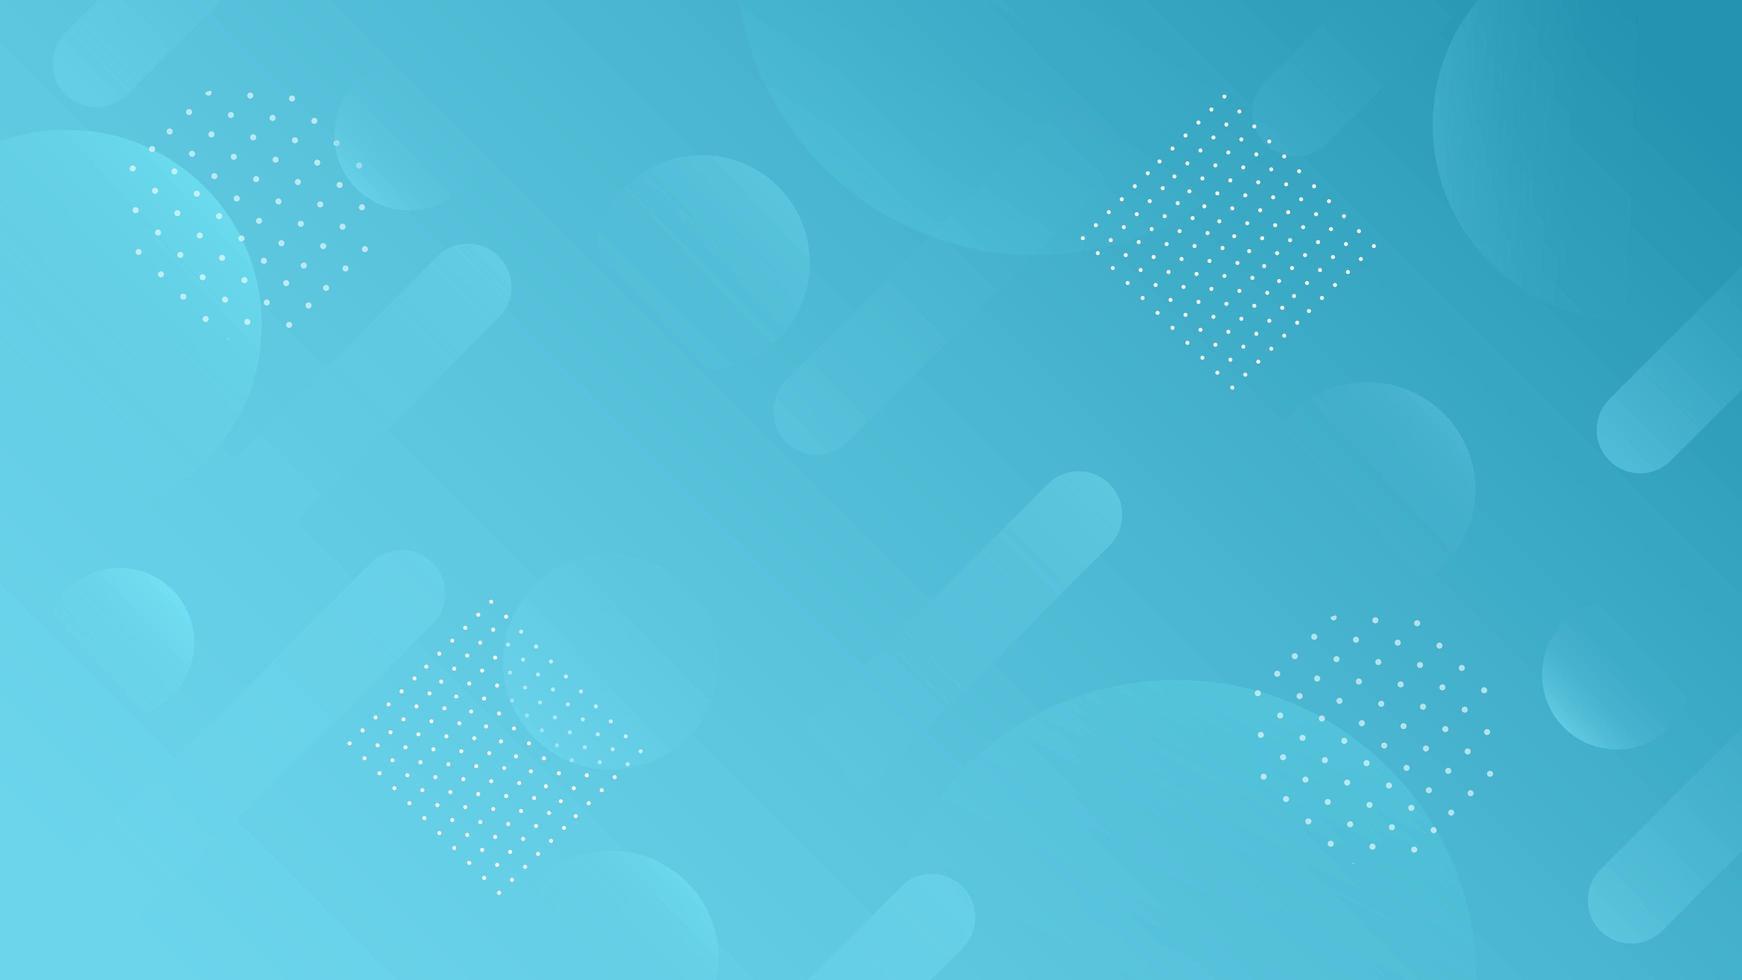 astratto geometrico moderno dinamico blu vettore